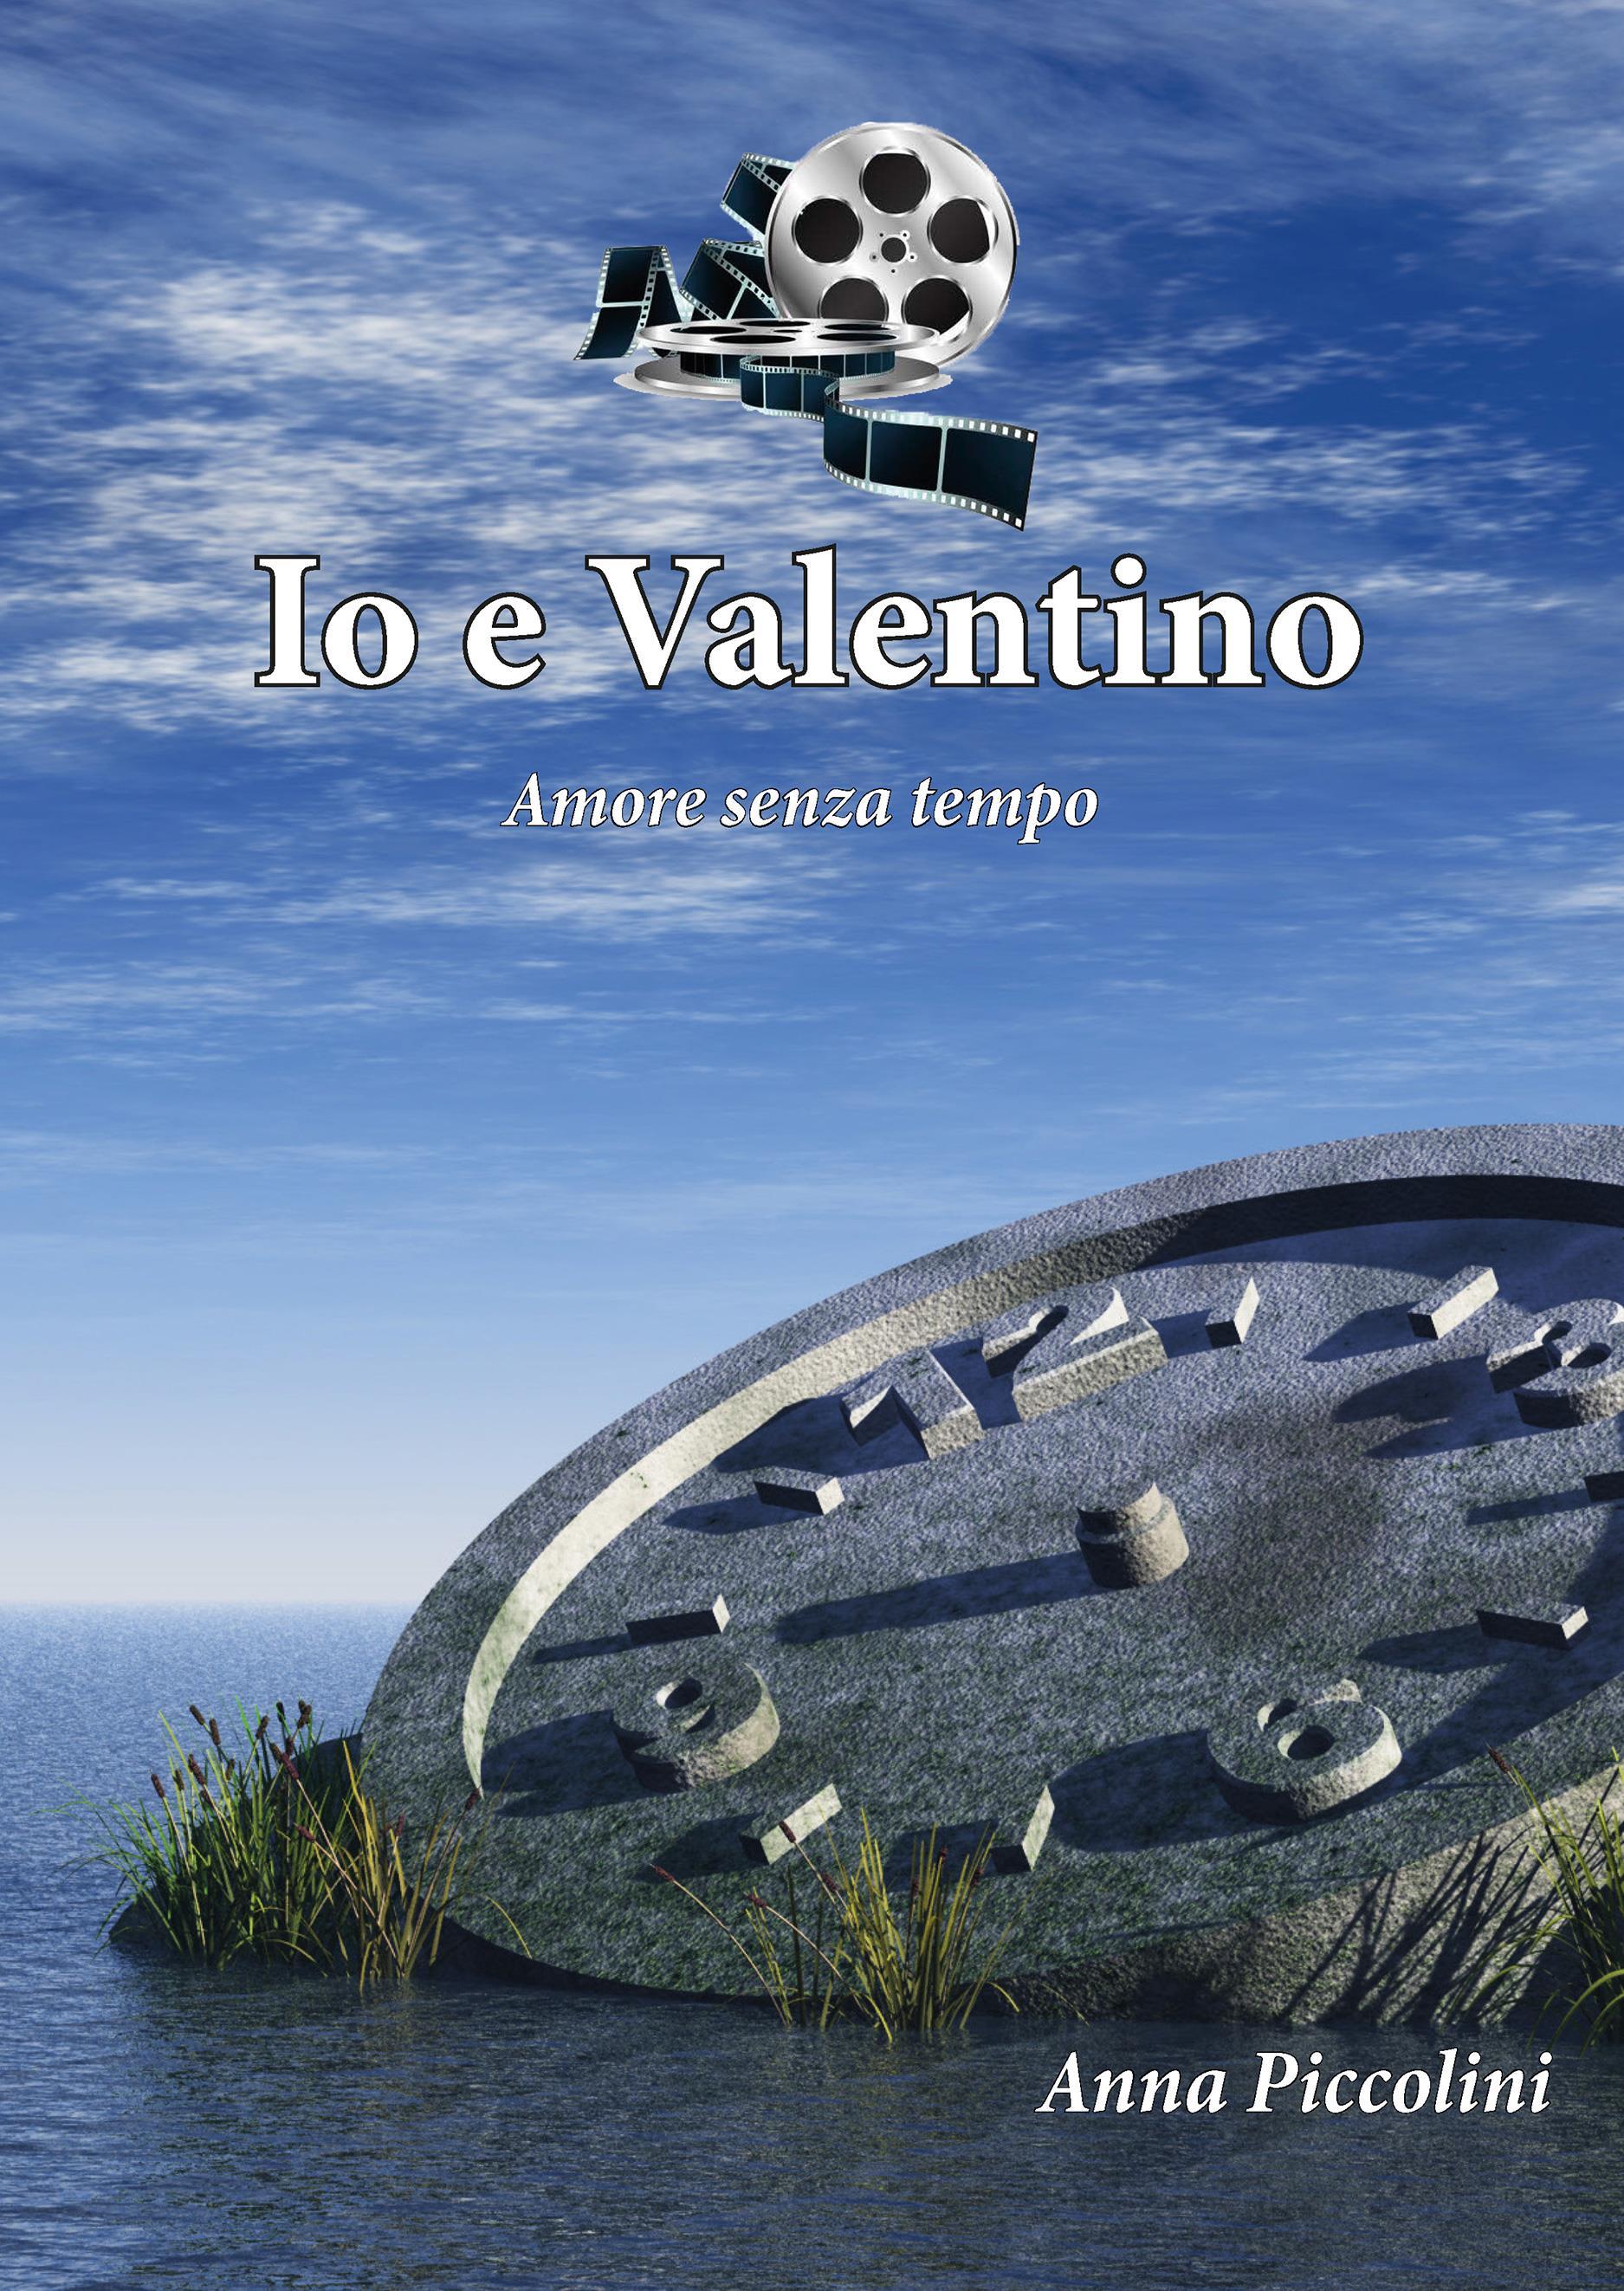 Io e Valentino (Amore senza tempo)